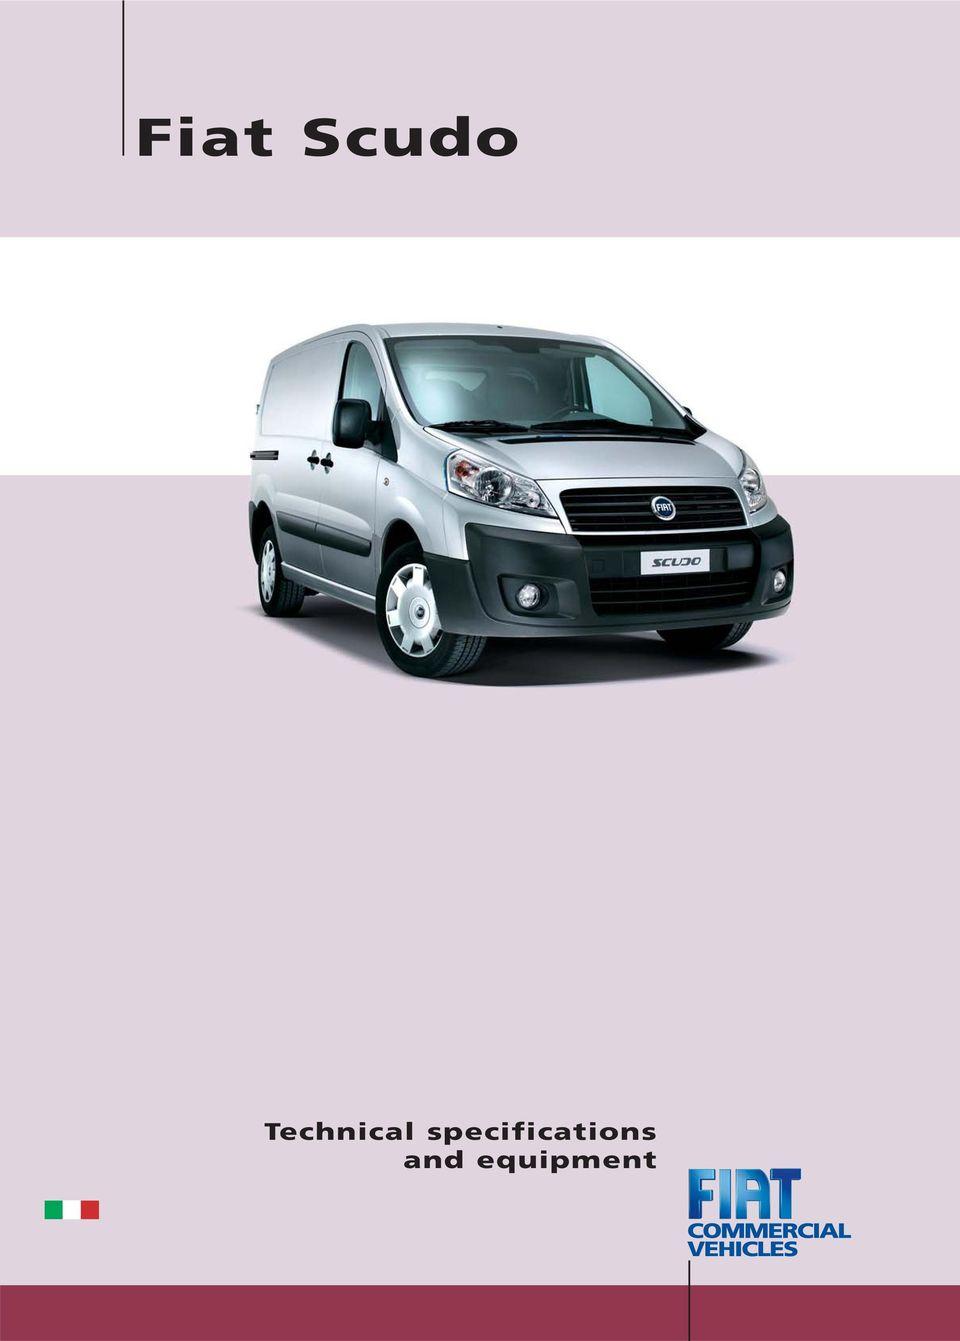 medium resolution of fiat scudo van combi engine 90 multijet no of cylinders arrangement 4